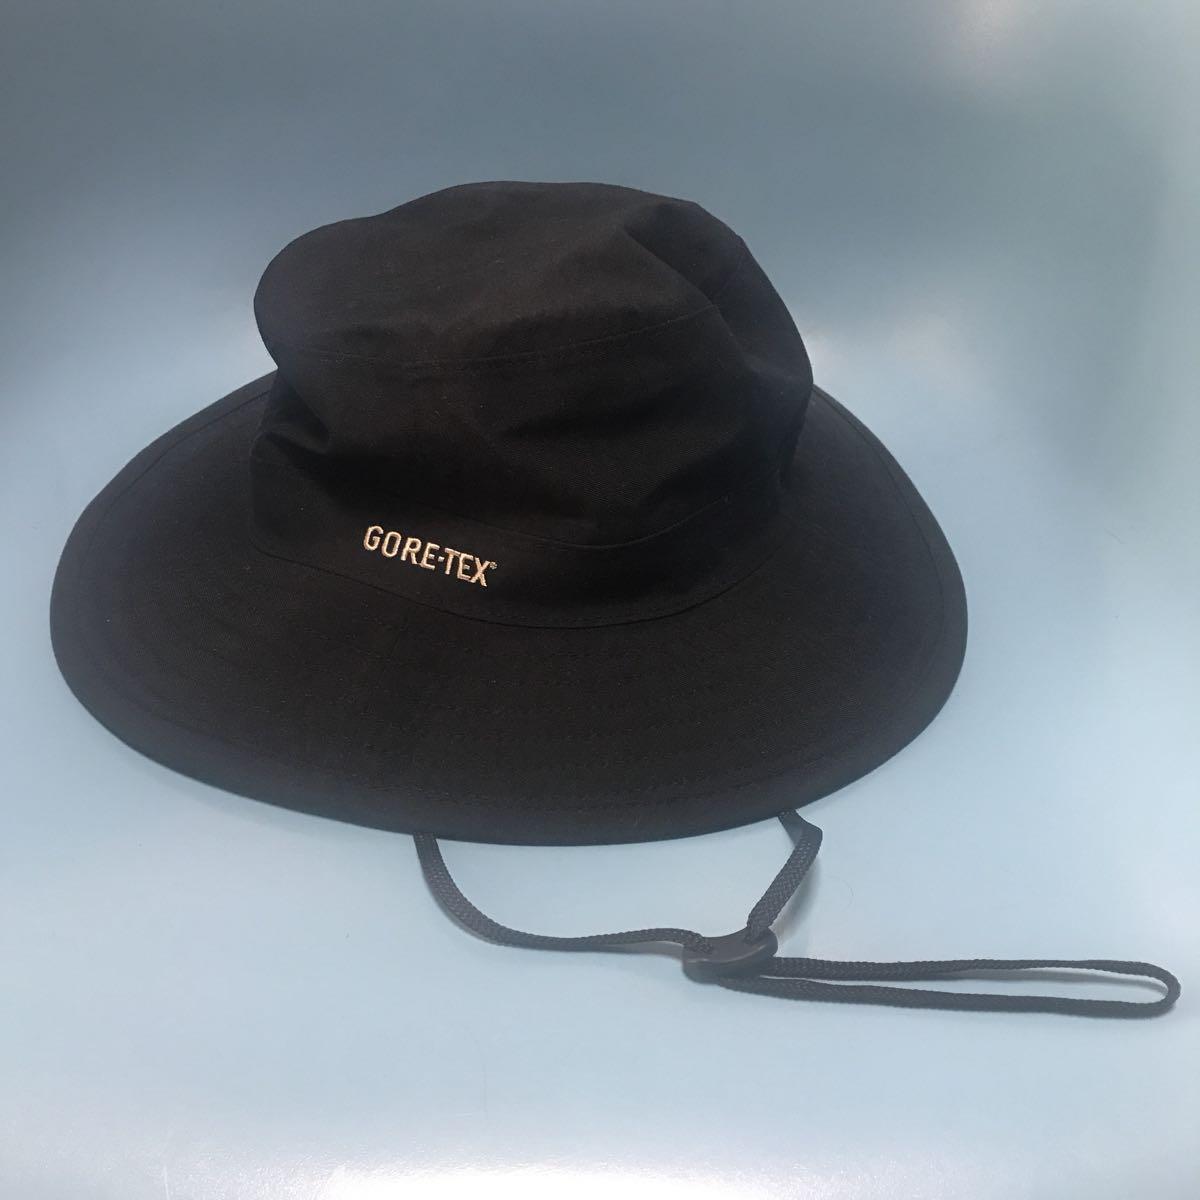 ノースフェイス /THE NORTH FACE/GTX Hat/ GTXハット ブラック Mサイズ ゴアテックス NN80800